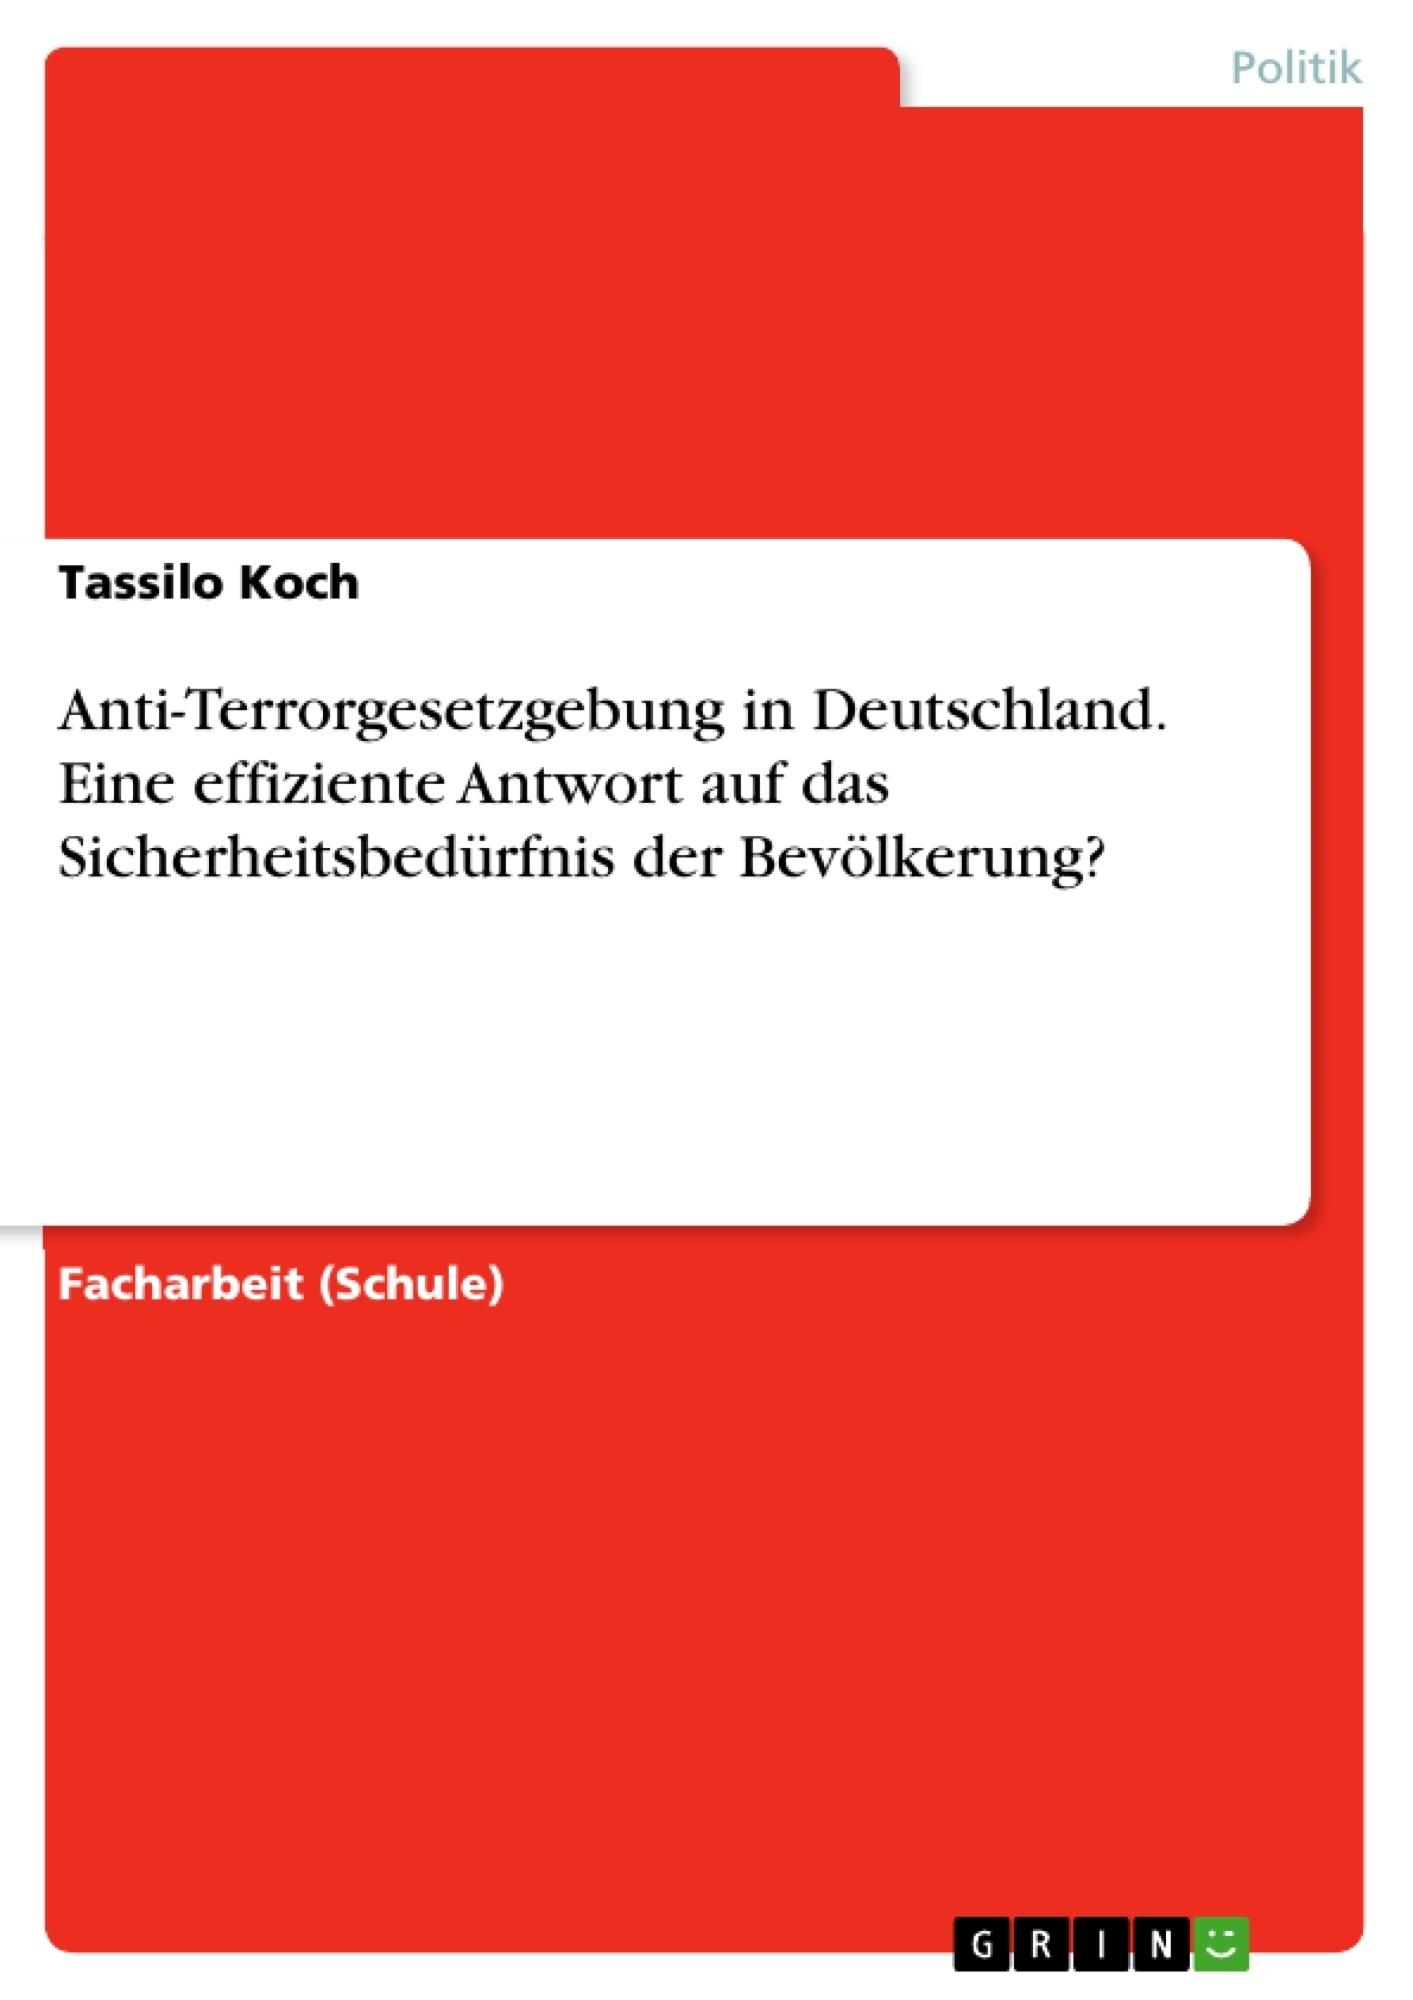 Titel: Anti-Terrorgesetzgebung in Deutschland. Eine effiziente Antwort auf das Sicherheitsbedürfnis der Bevölkerung?